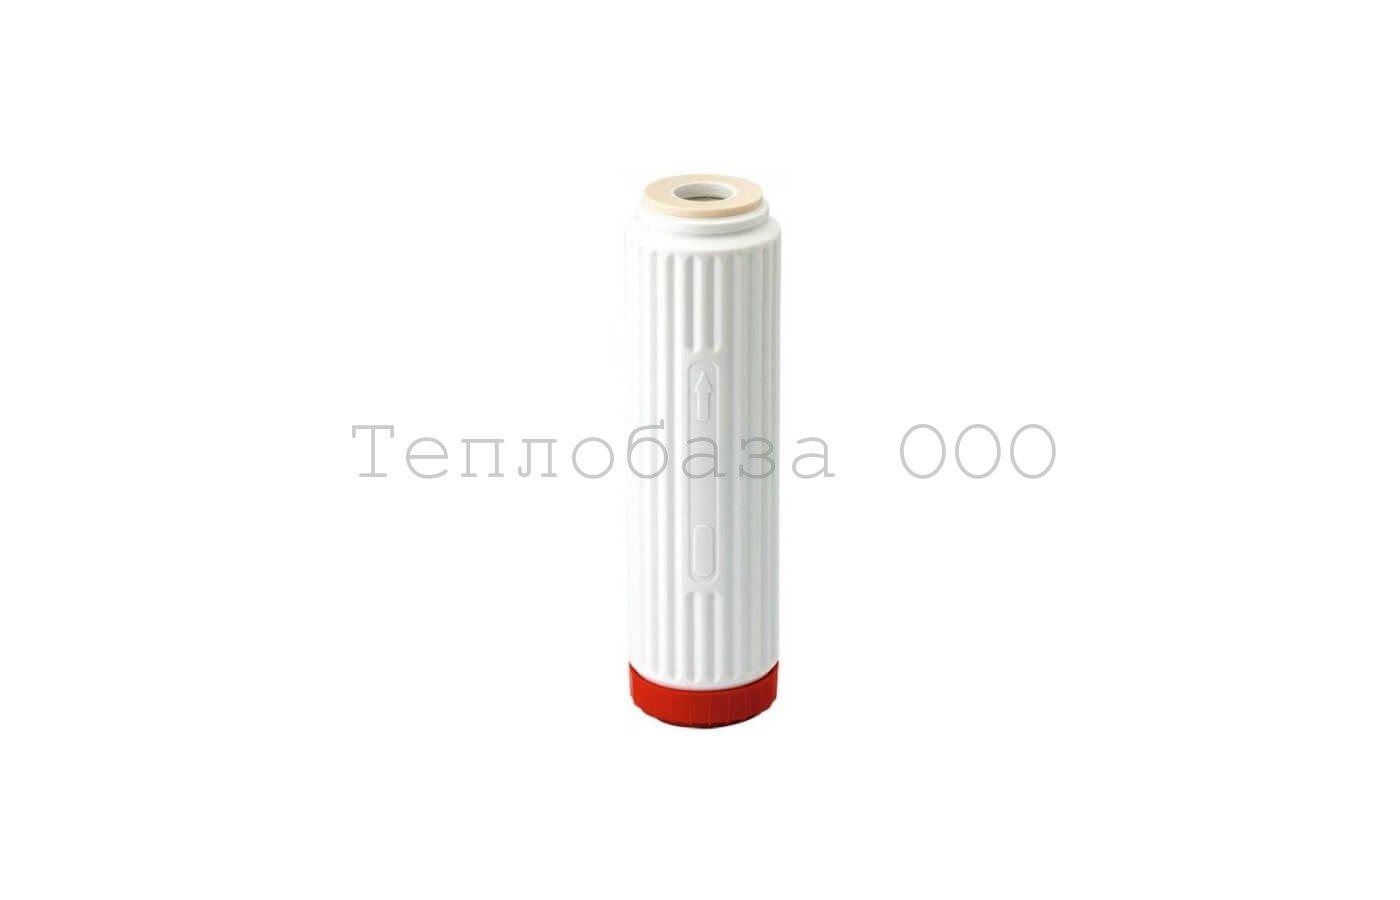 Картридж для умягчения воды В510-04 Аквафор (смола)